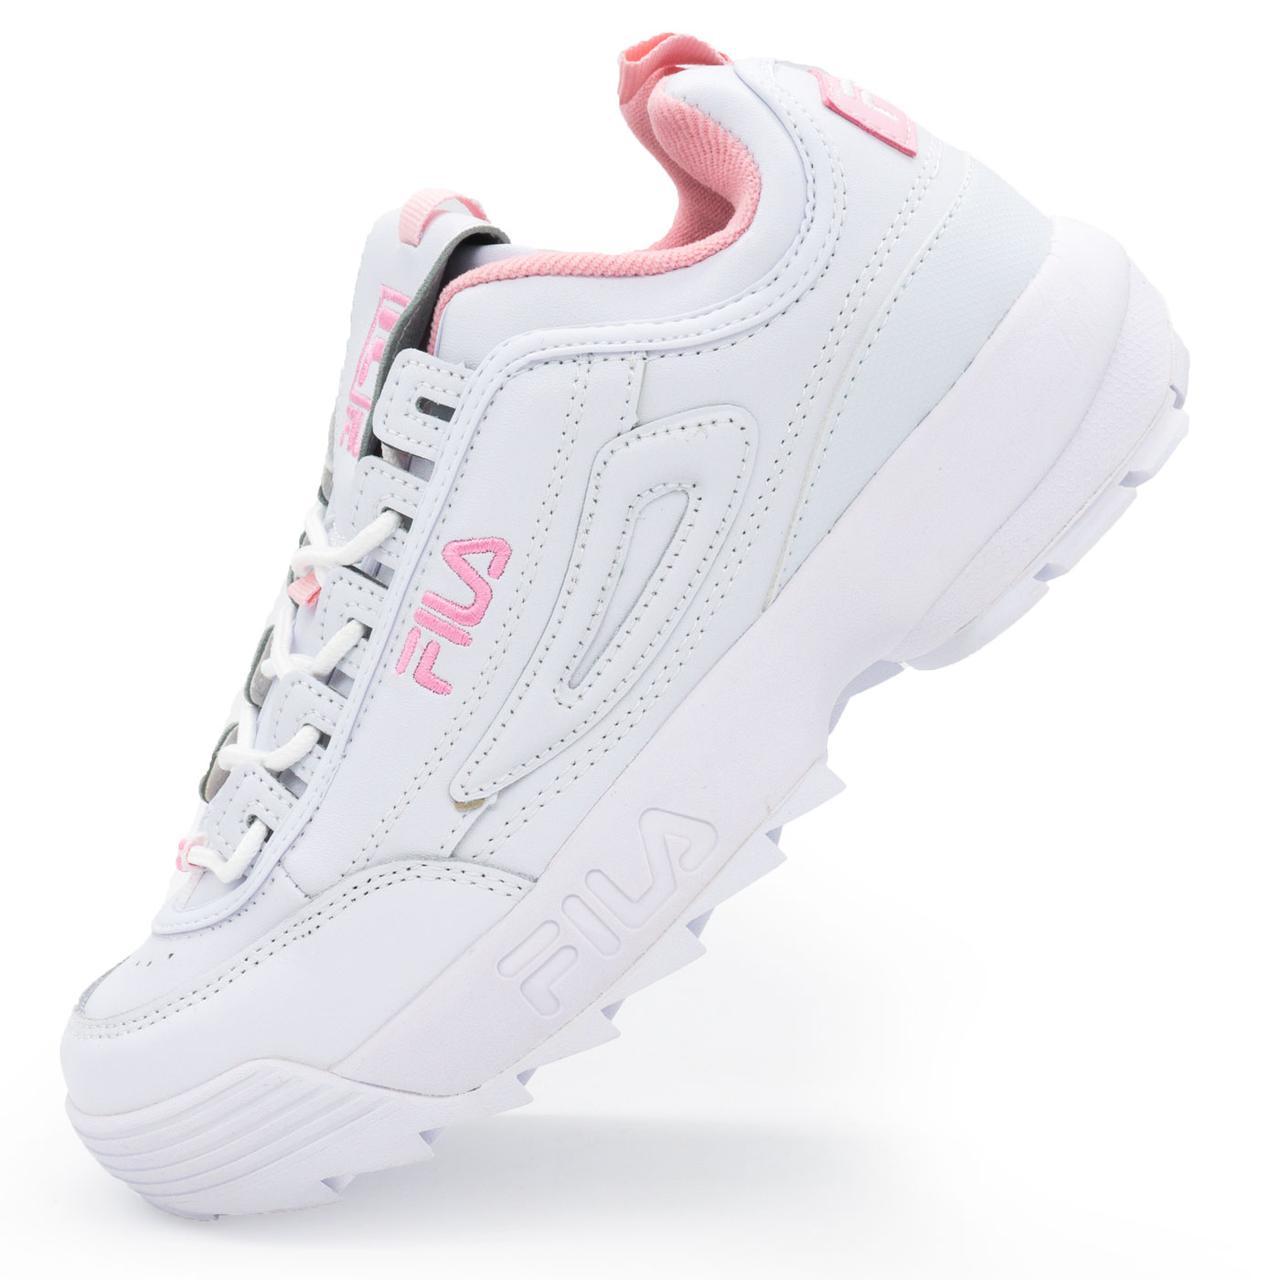 d54274e7 Женские белые с розовым кроссовки FILA Disruptor 2. Топ качество! р.(36